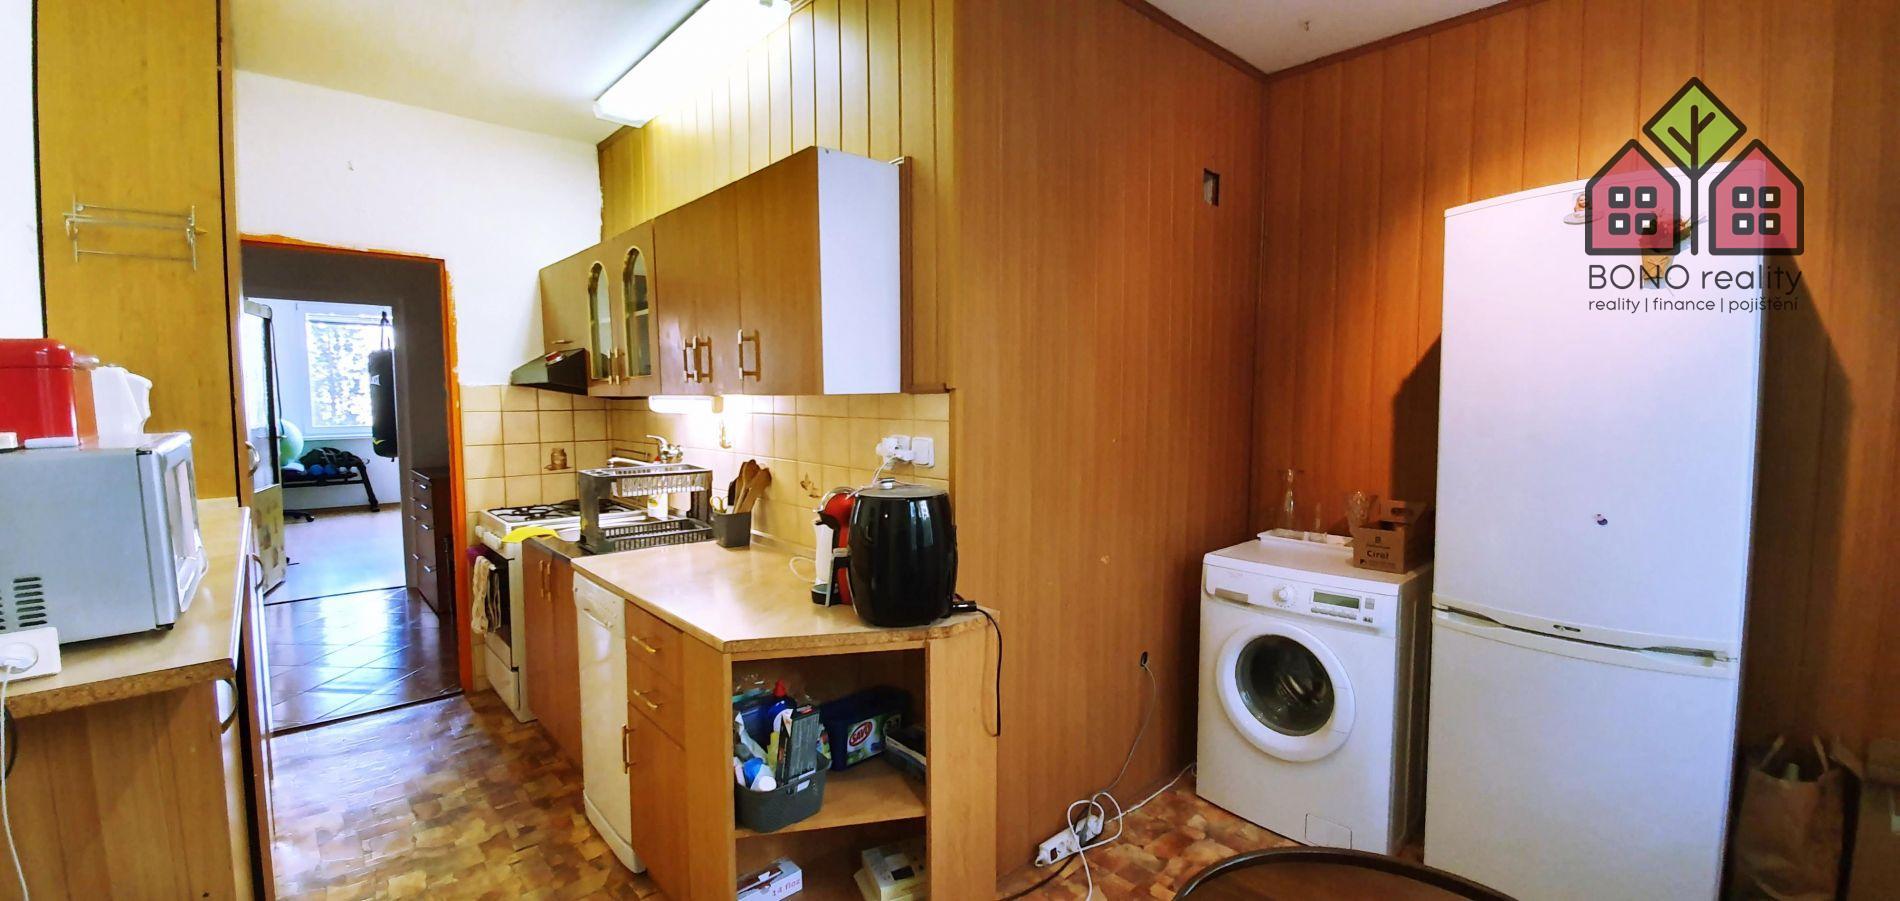 Byt OV, 4+1, 86 m2, lodžie, Jizerská, Ústí n. L. - Severní terasa